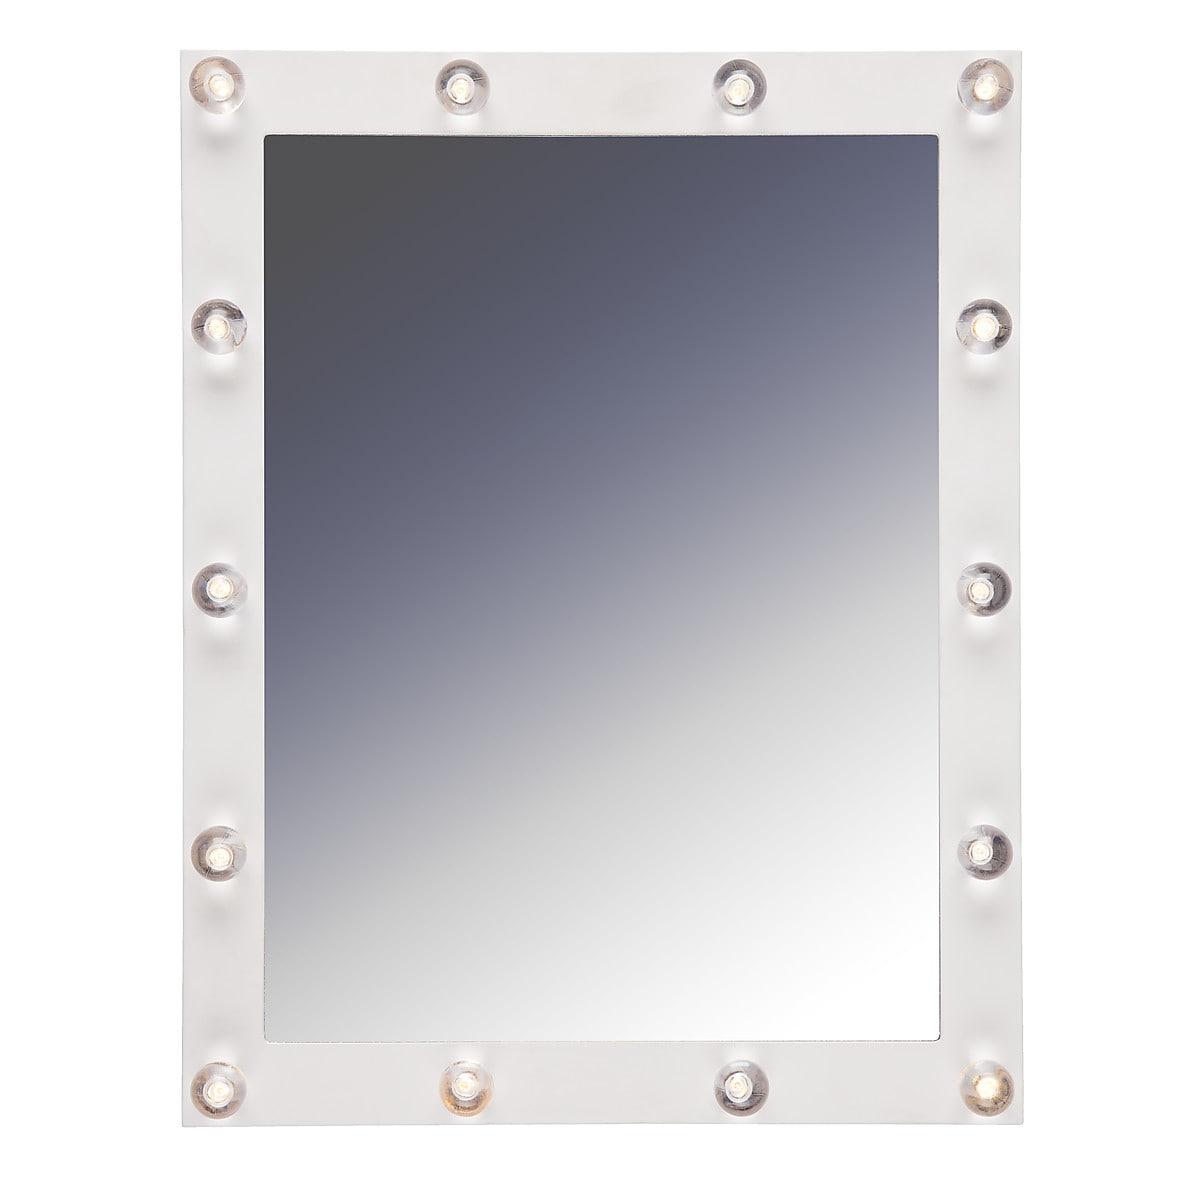 Northlight speil med dekorativ LED-belysning